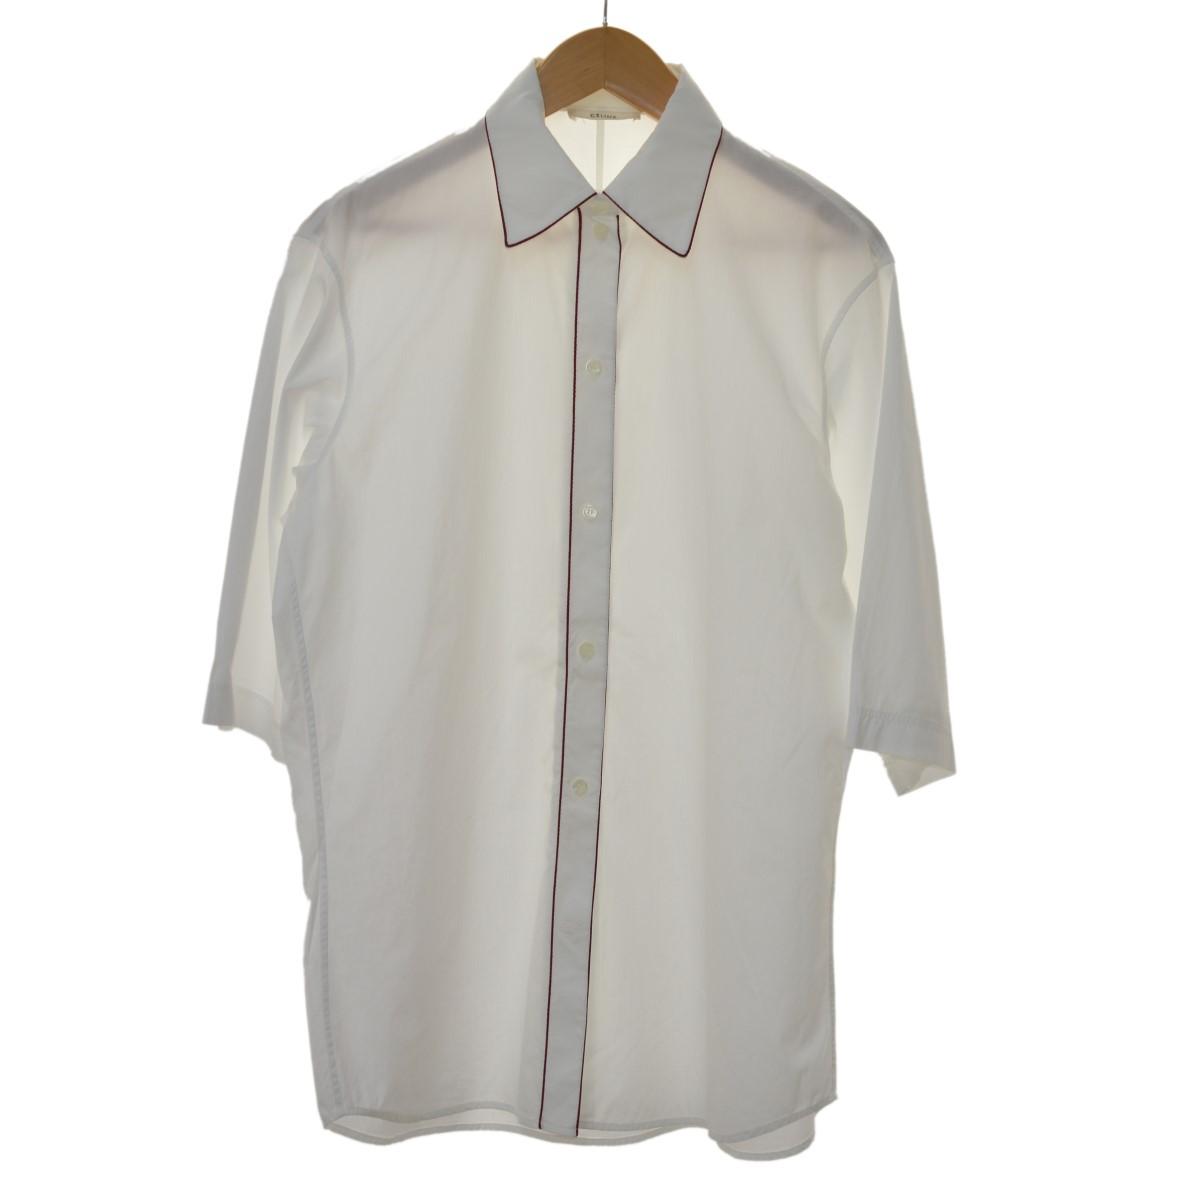 【中古】CELINE パイピングハーフスリーブシャツ ホワイト サイズ:34 【100320】(セリーヌ)